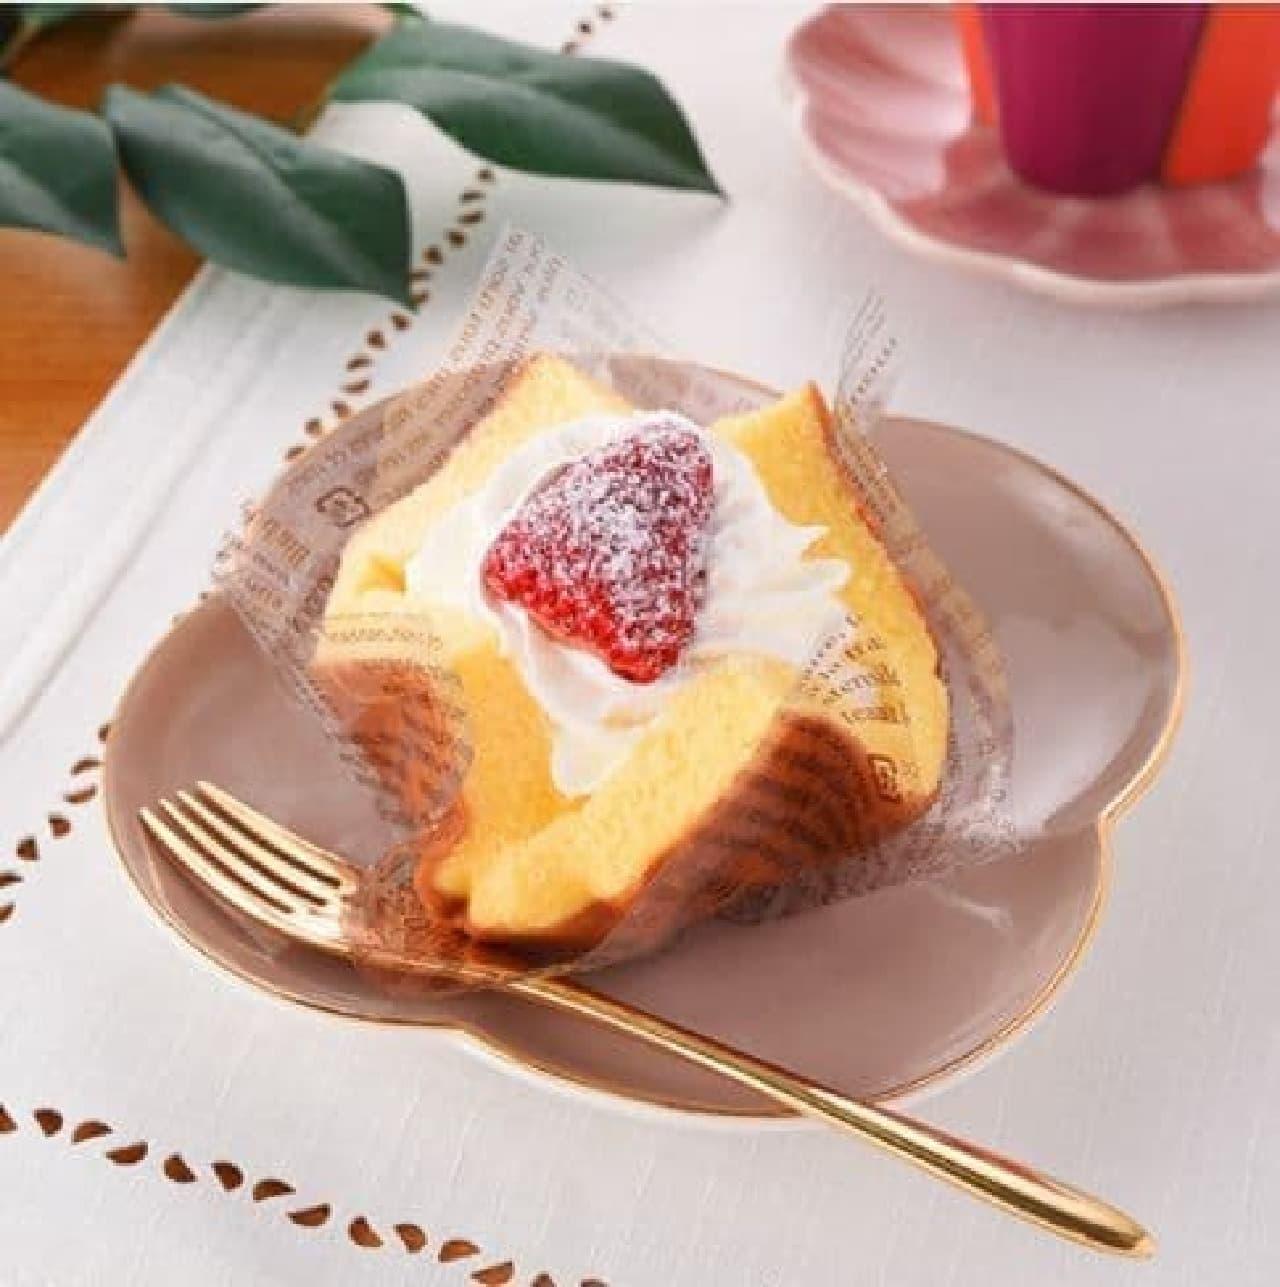 ファミリーマート「いちごのふわふわケーキ」